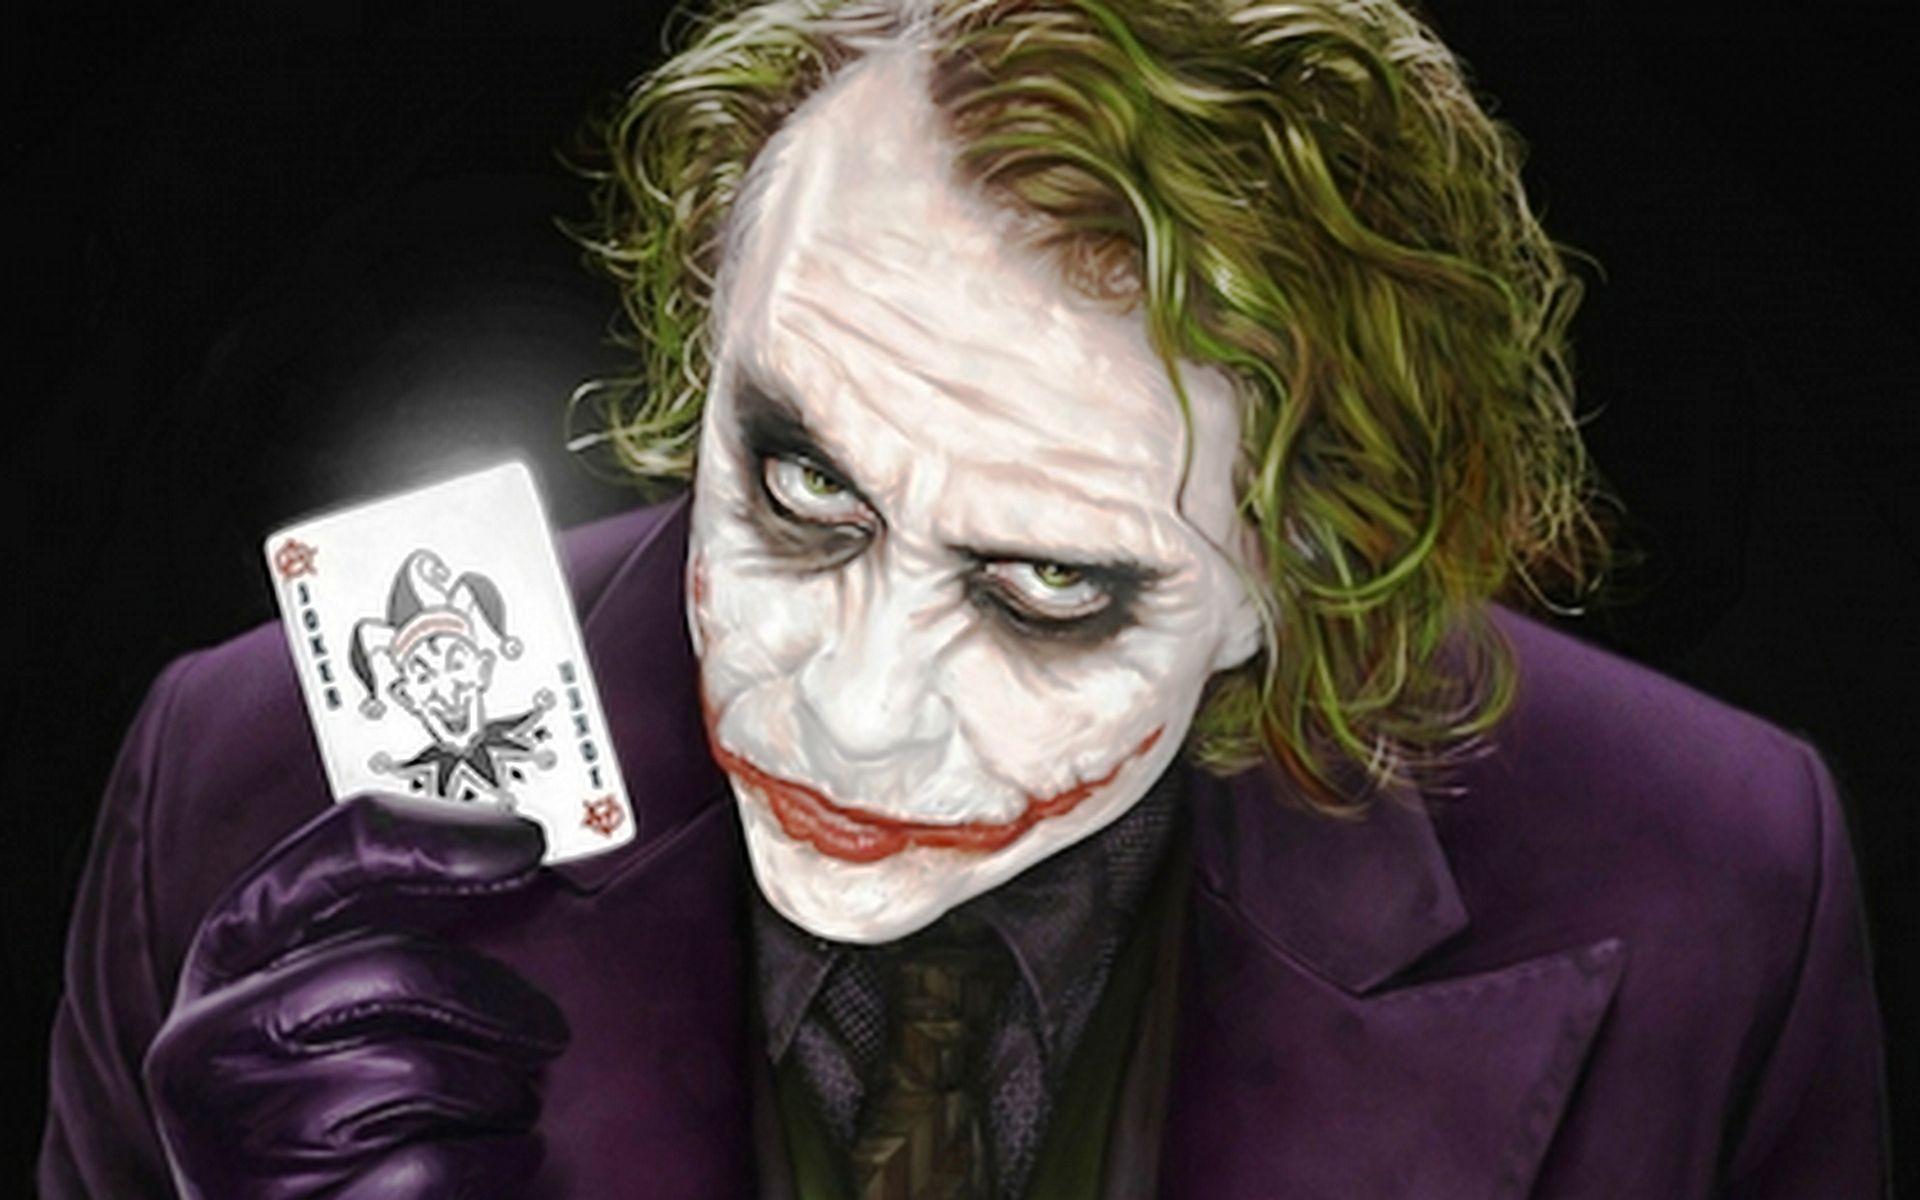 The Joker Joker Batman Heath Ledger Joker Joker